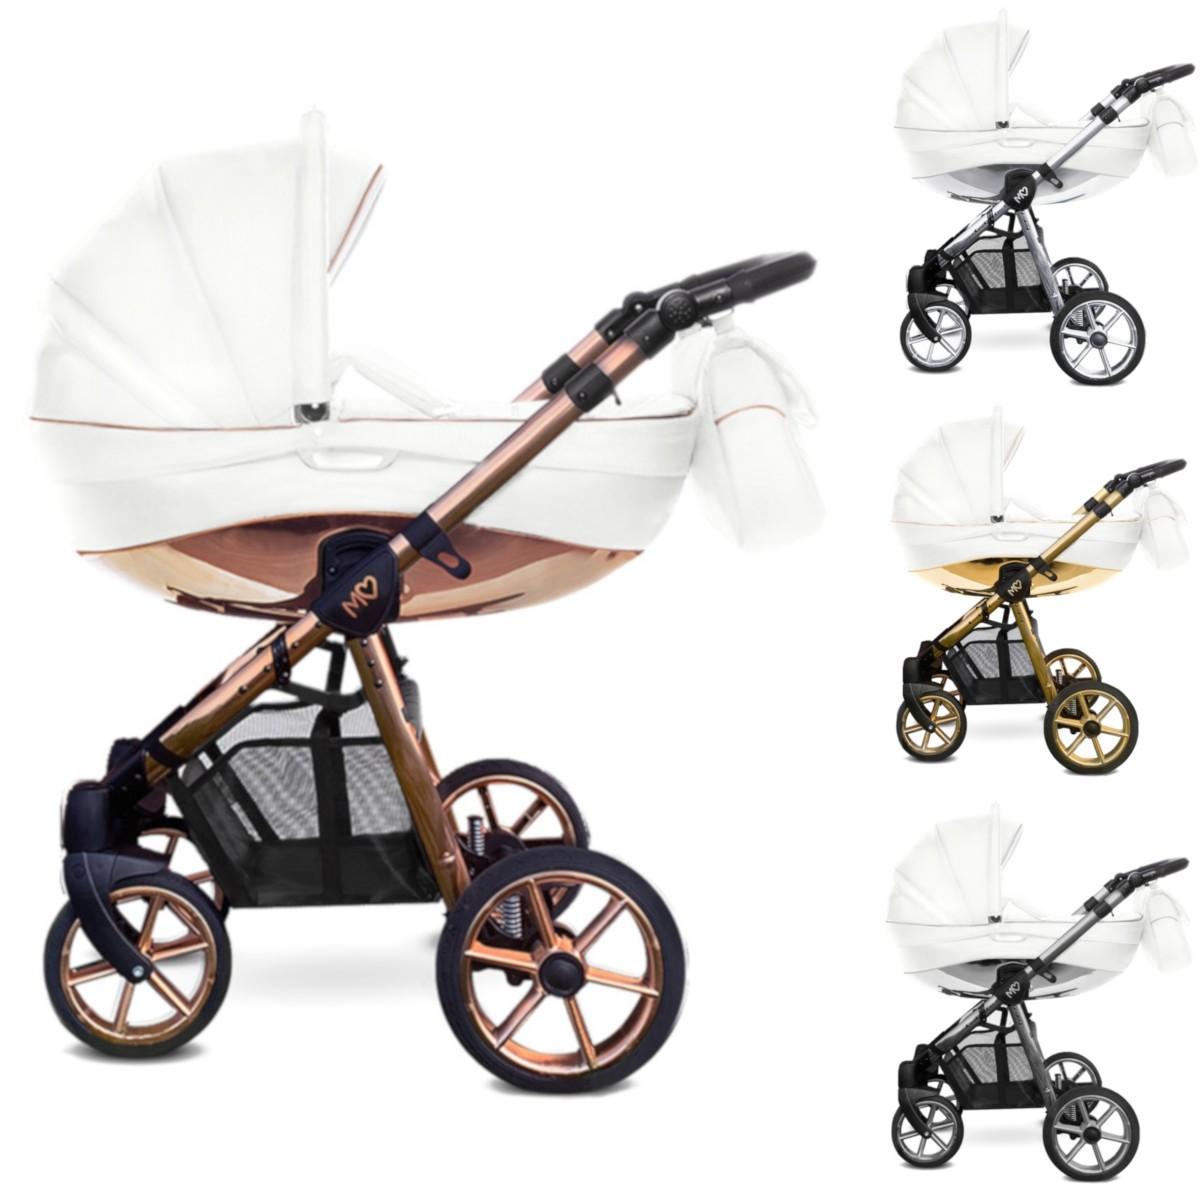 MOMMY Glossy Kombi Kinderwagen 2in1 mit Babywanne + Sportwagenaufsatz / Buggy oder 3in1 + Babyschale / Autoschale, weiss mit 4 Farben